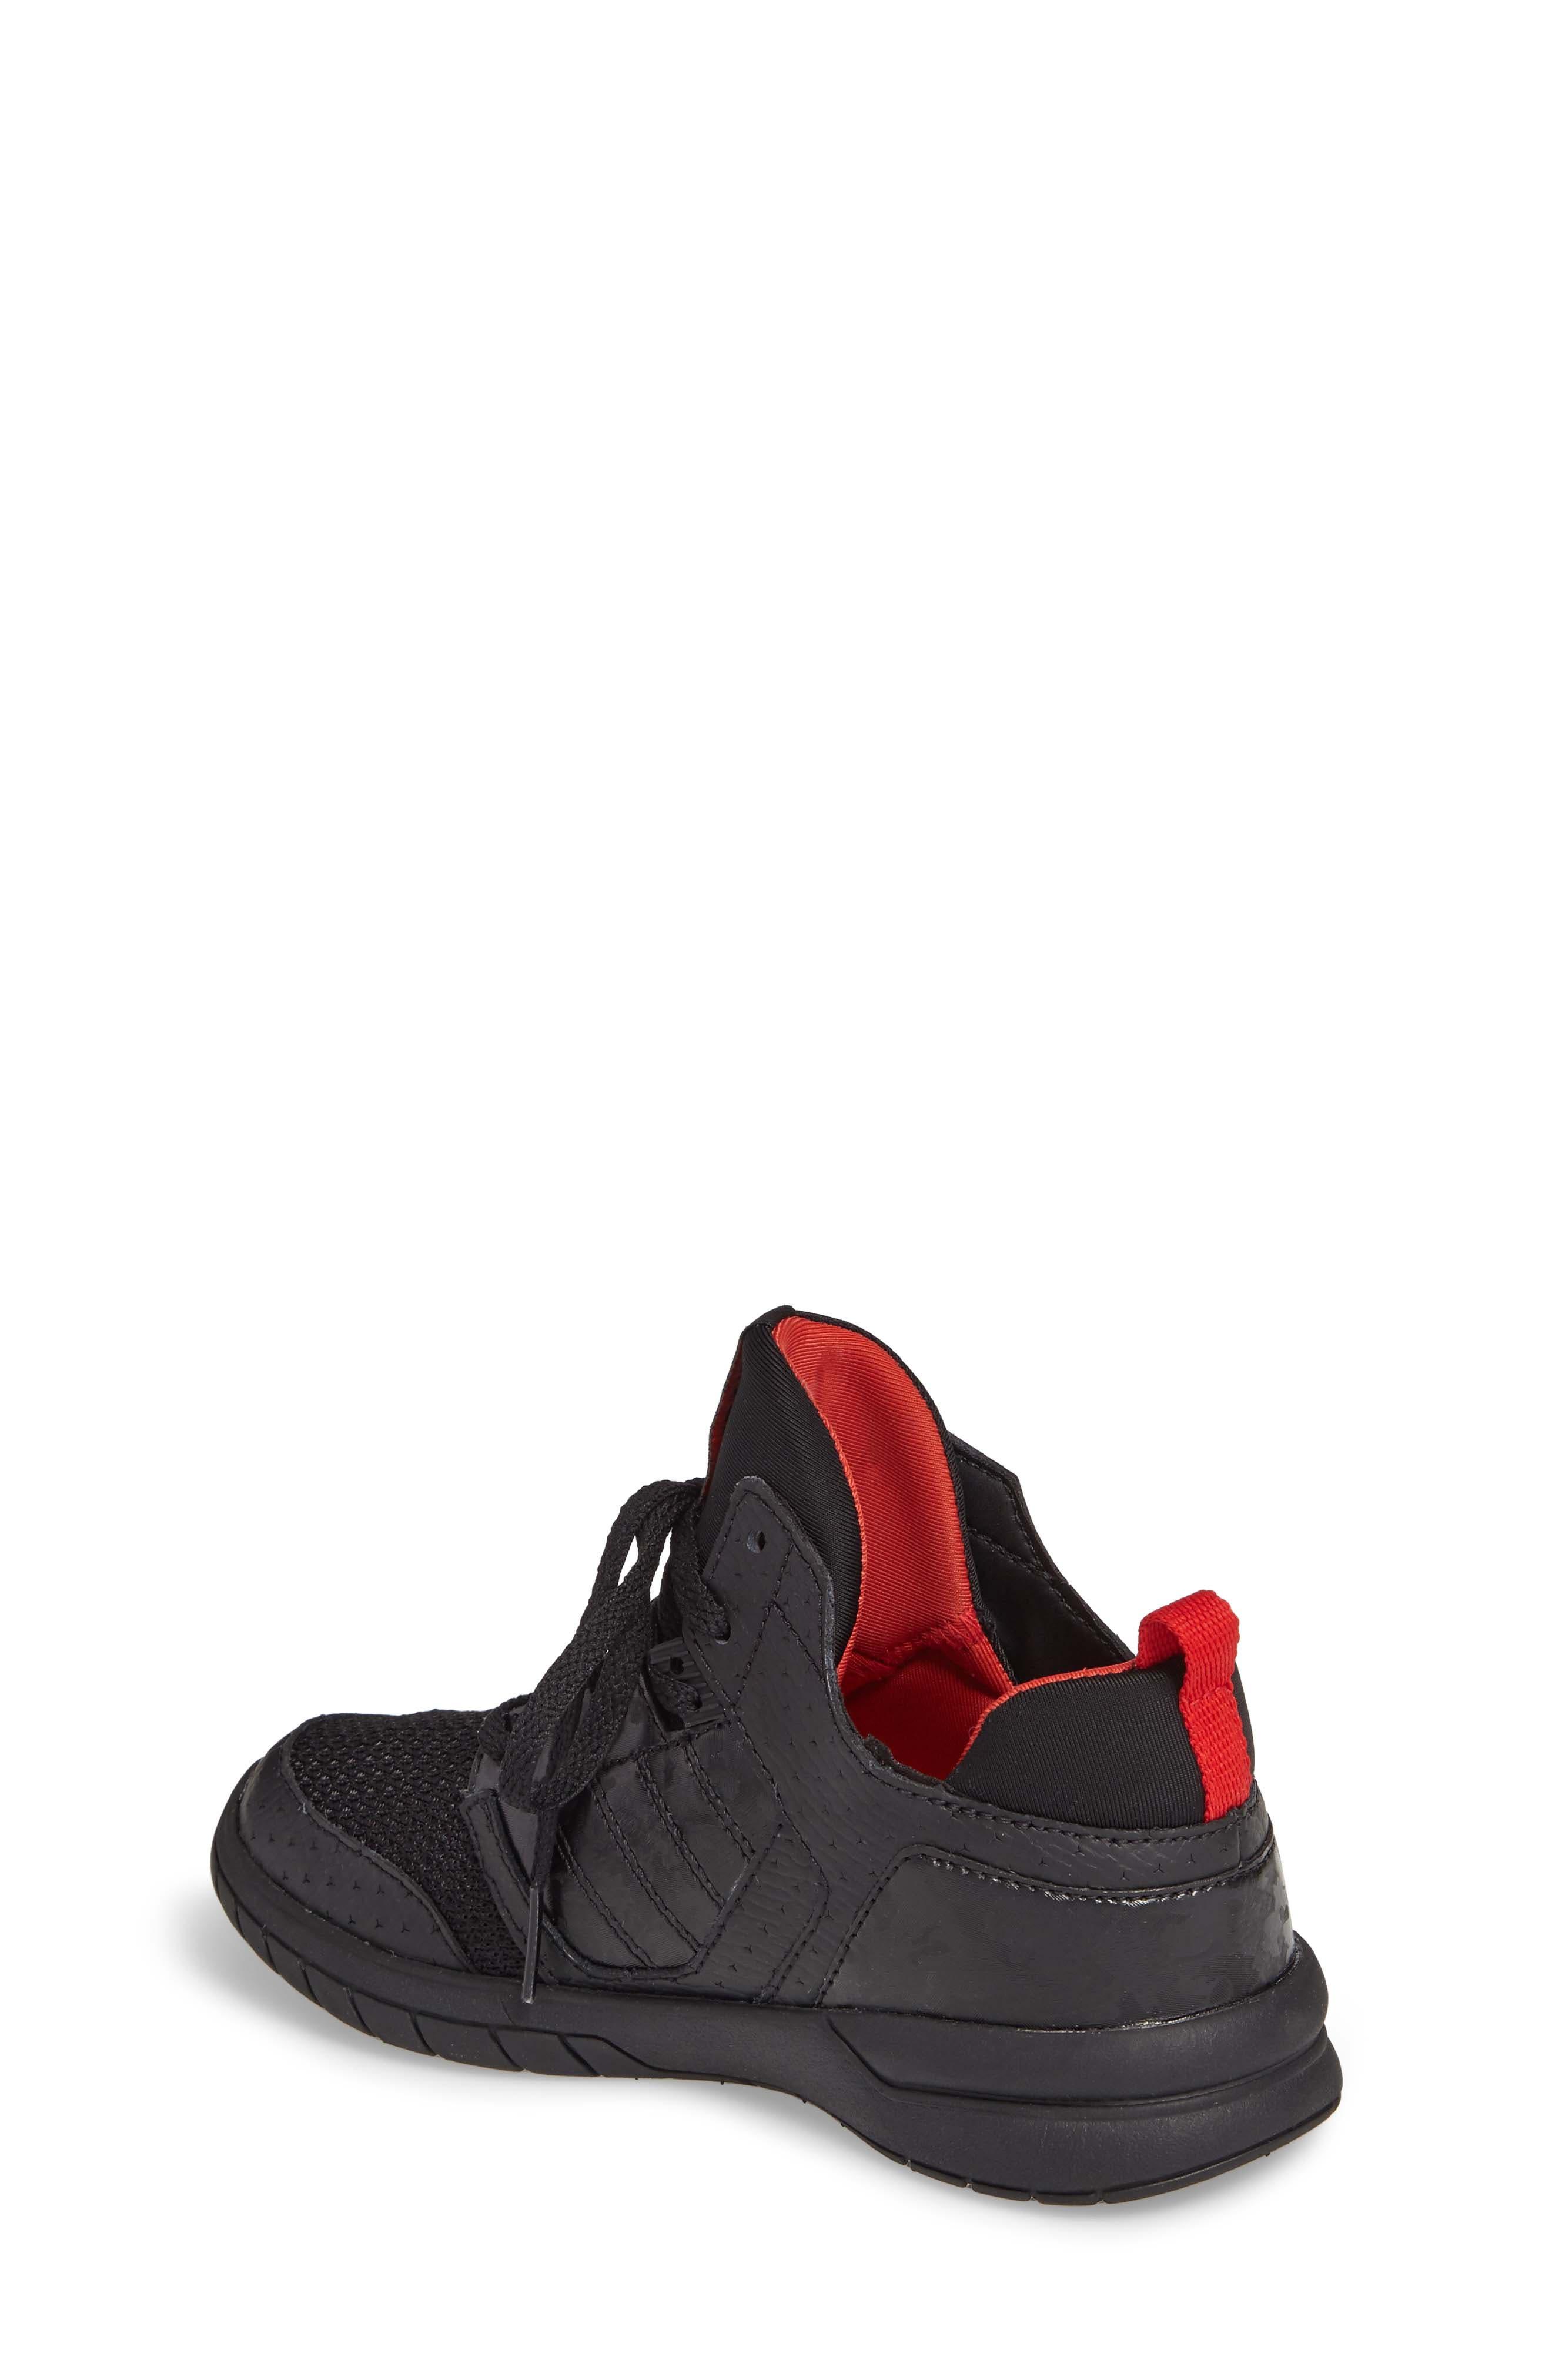 Method Sneaker,                             Alternate thumbnail 4, color,